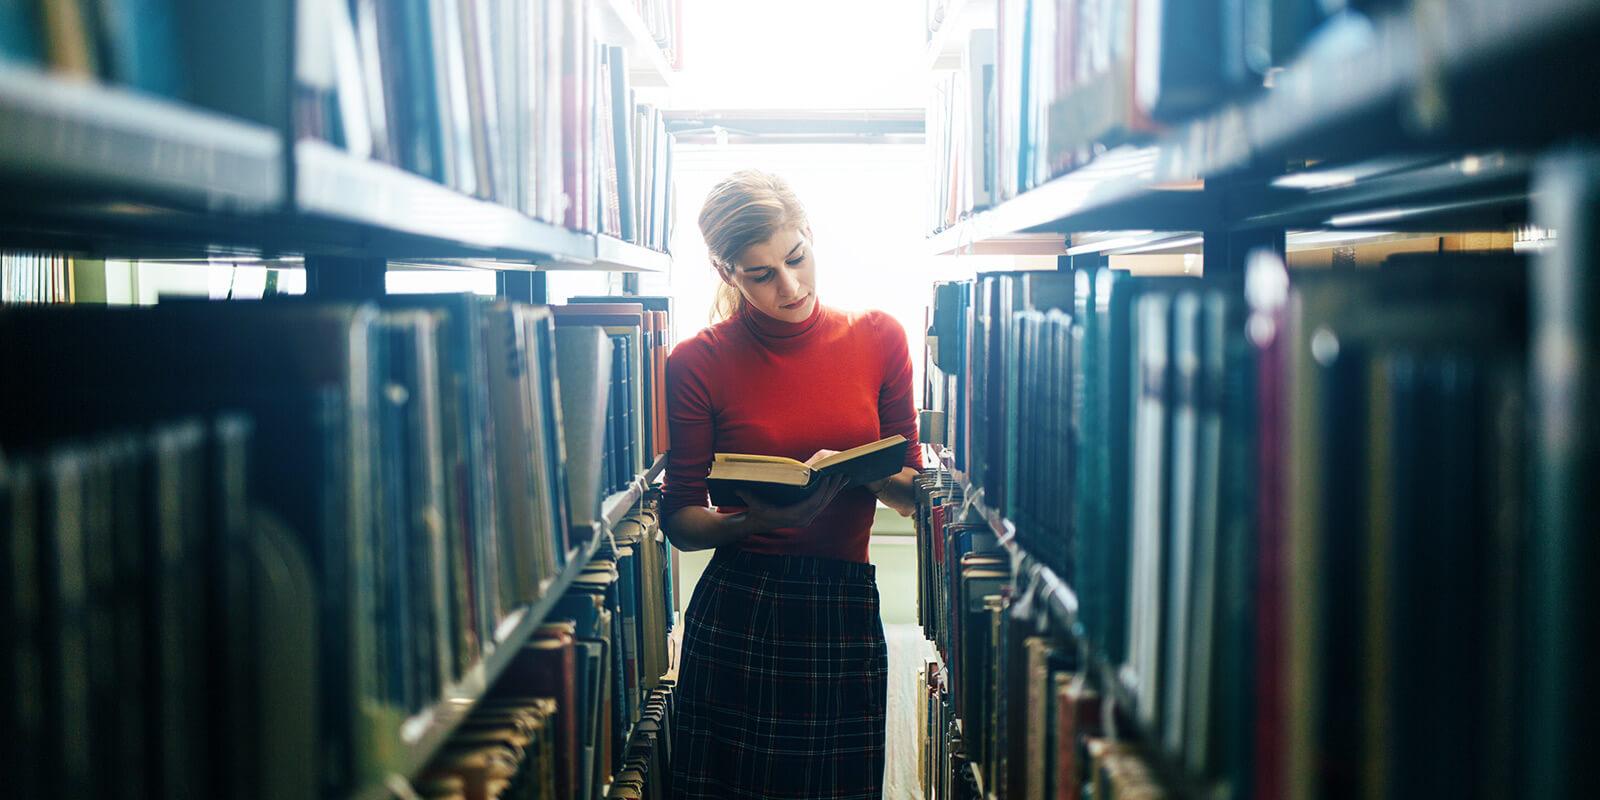 EIn Frau steht inmitten von Bücherregalen und liest